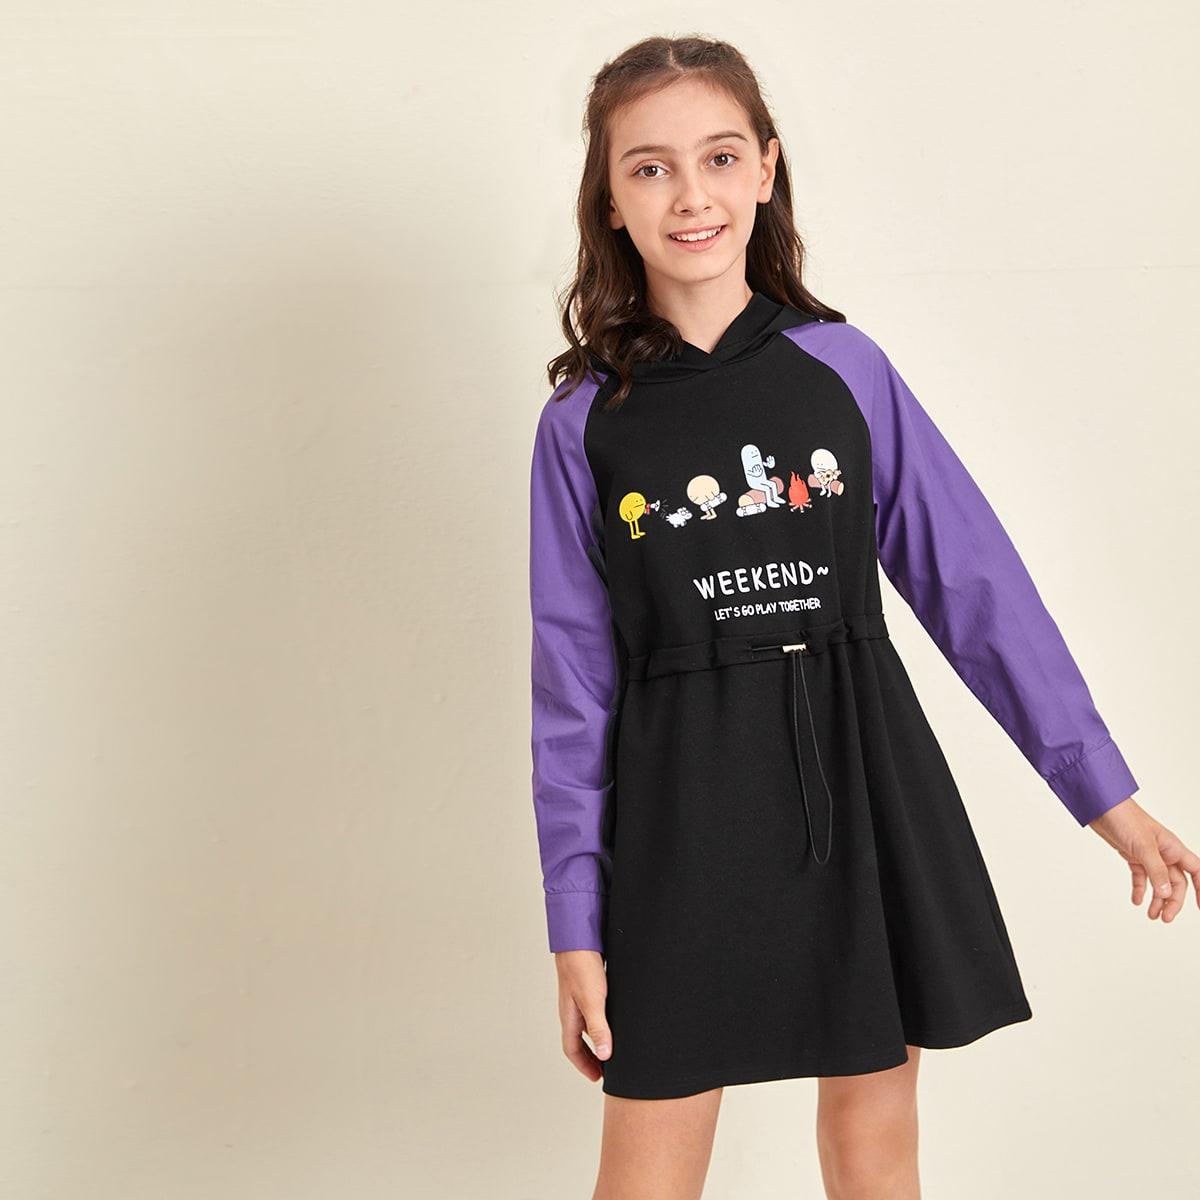 Платье с капюшоном, оригинальным принтом и контрастным рукавом реглан для девочек